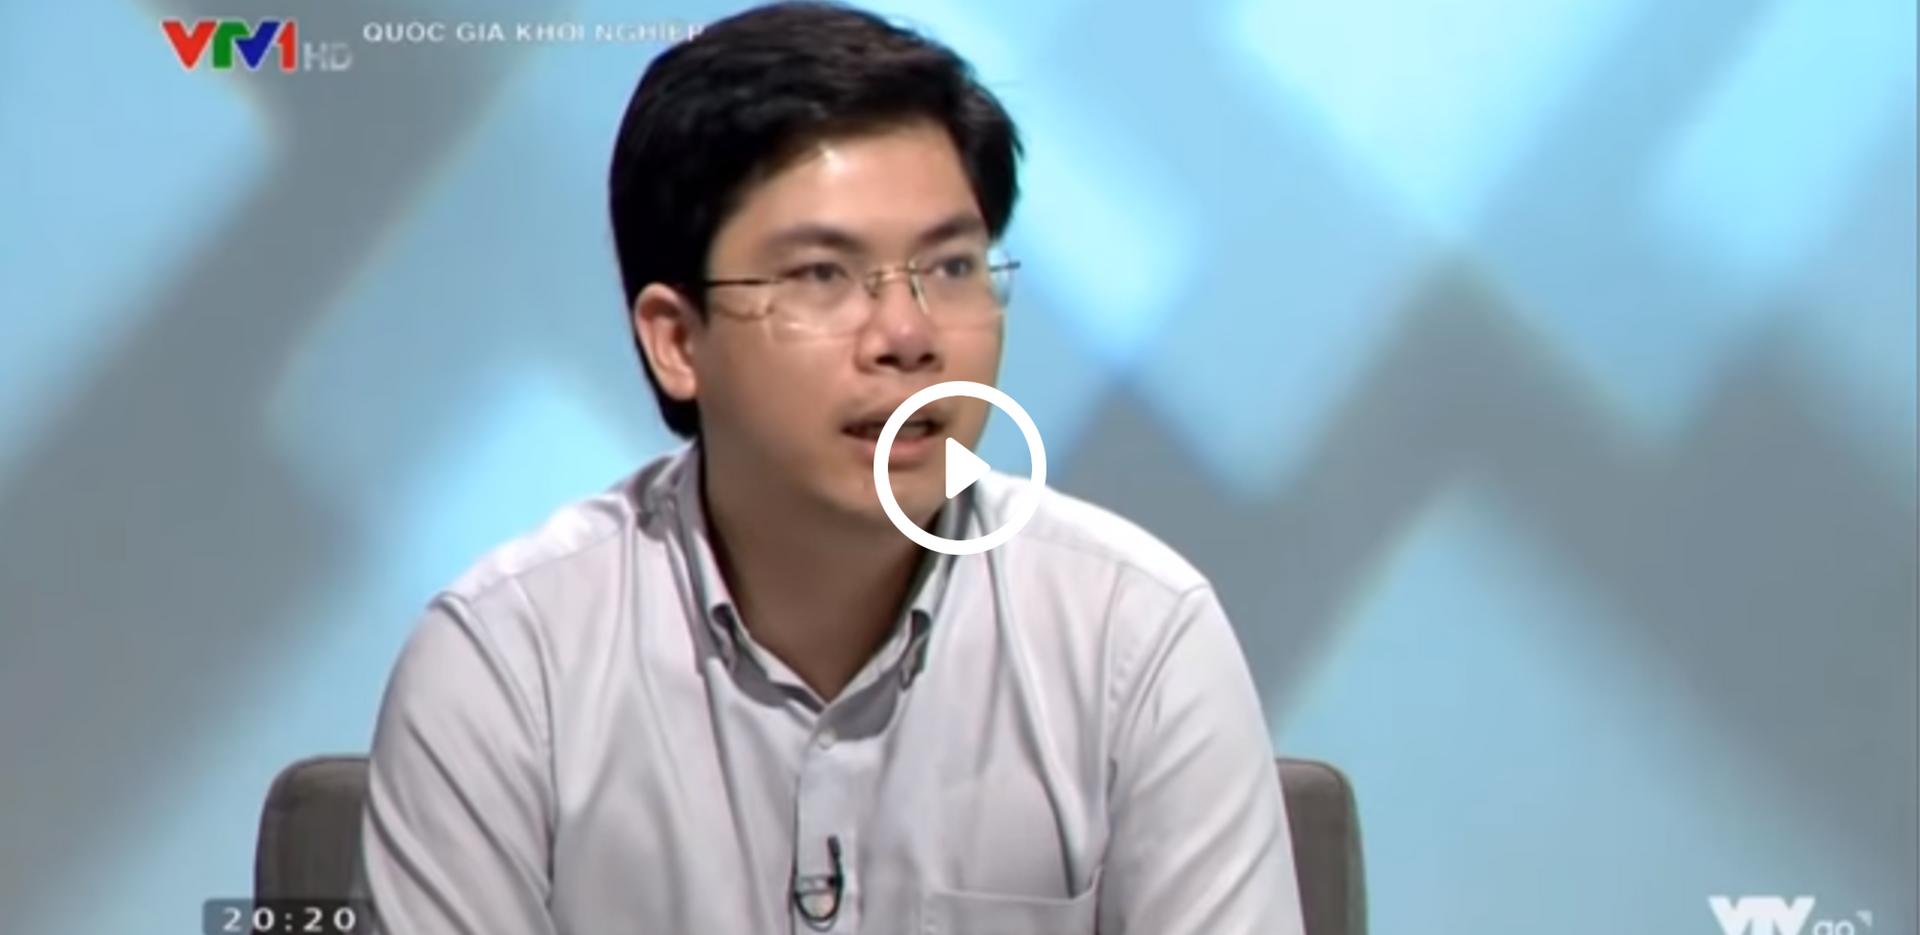 VTV1 | Quốc Gia Khởi Nghiệp - Tập 35: Logistics tại Việt Nam - Đâu là giải pháp tối ưu nhất?